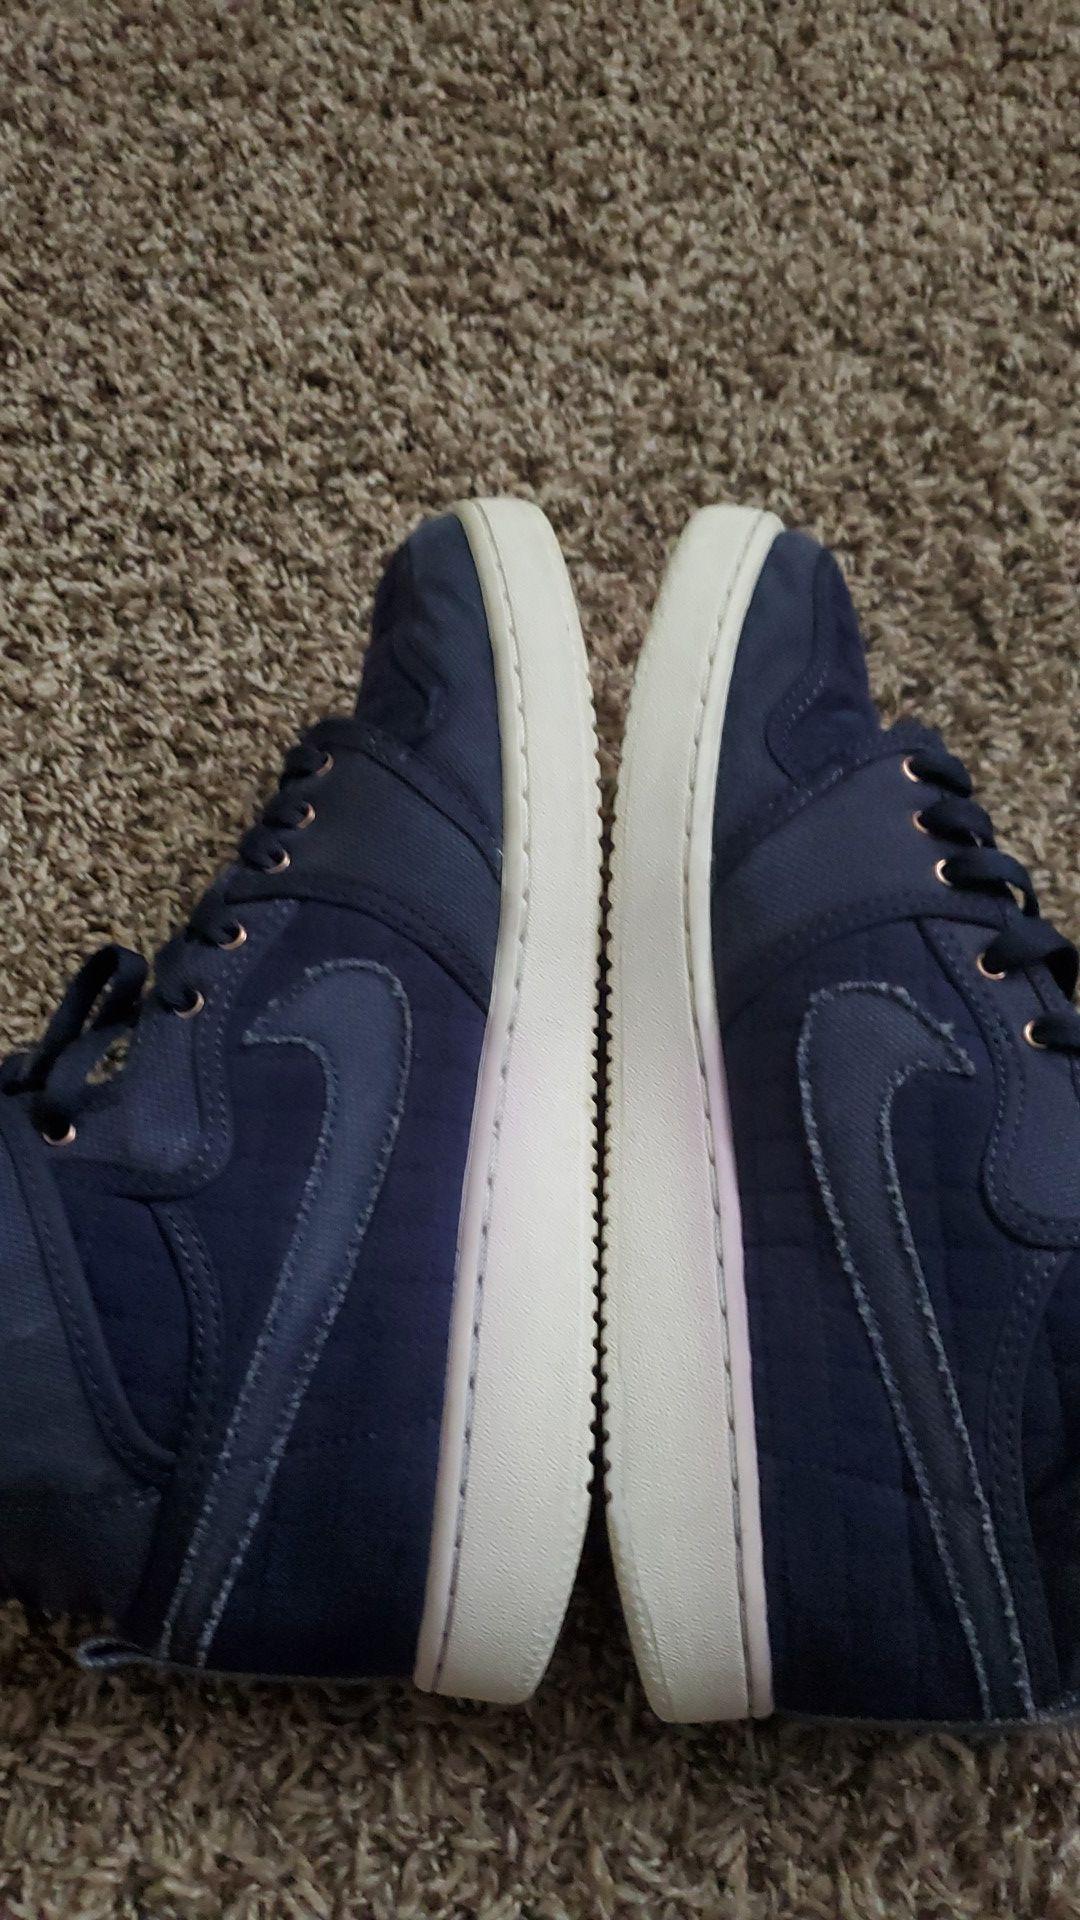 Jordan 1 size 9